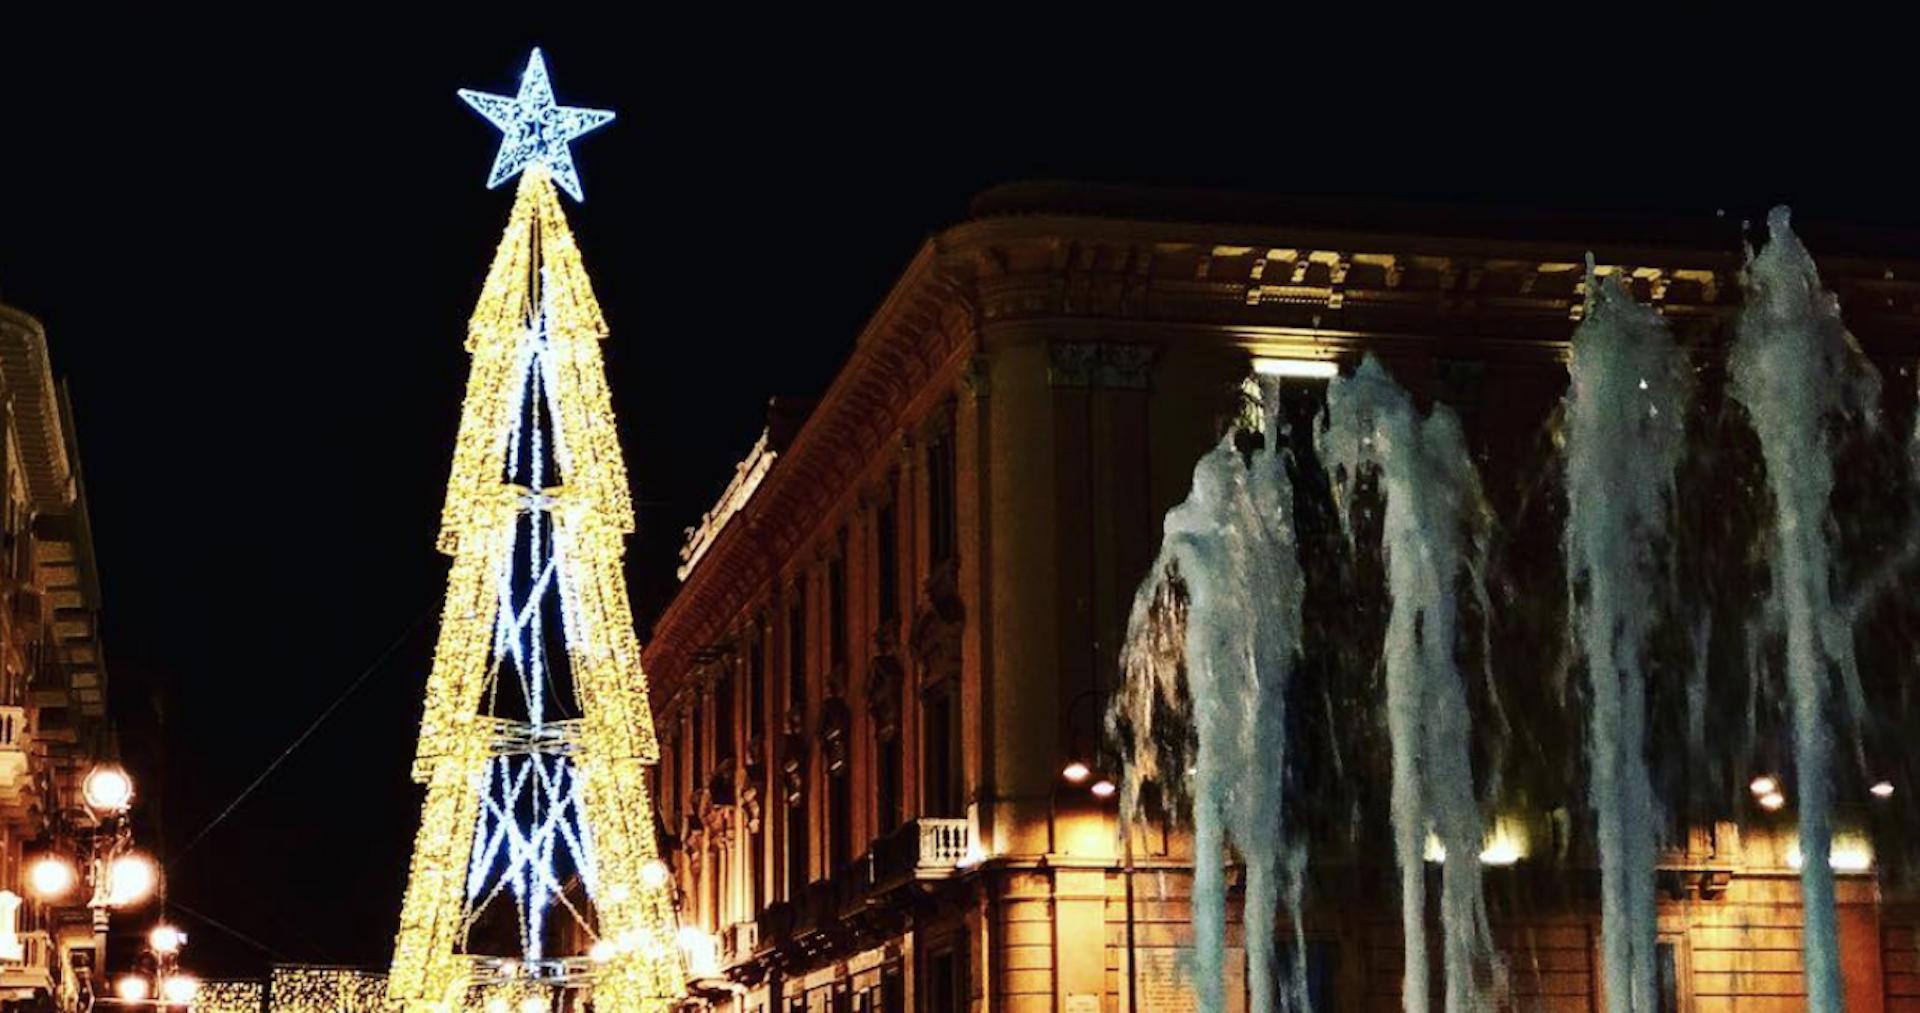 La maledizione del Grinch colpisce Avellino: esclusa la ditta per il Natale